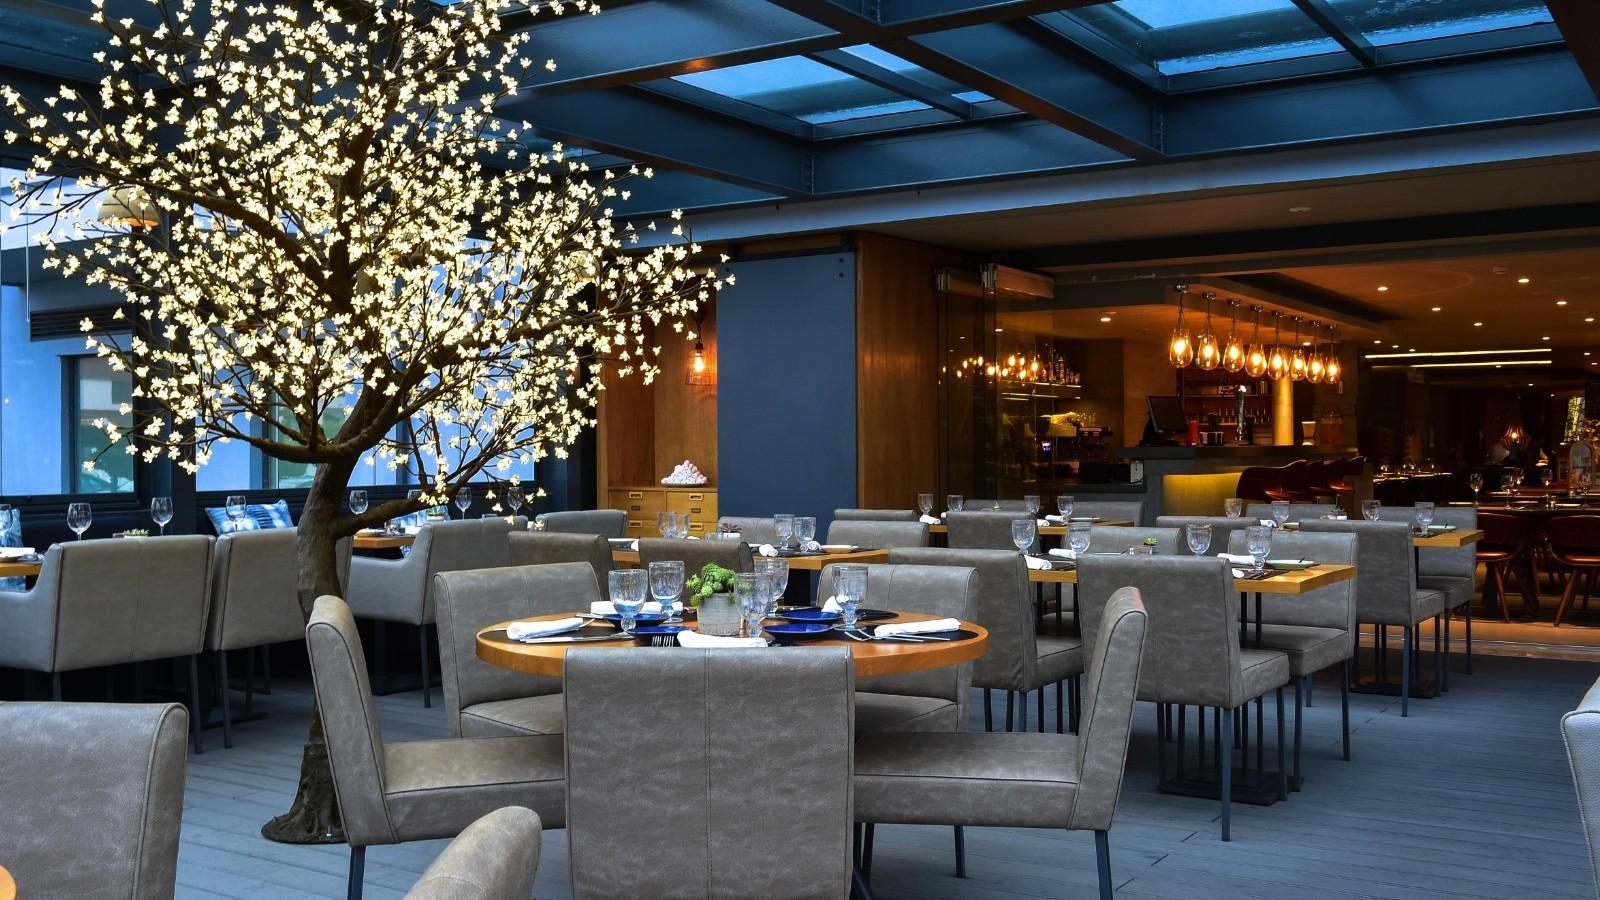 hotel Prime Energize Hotel: A Project by Nini Andrade Silva L08zbS8tME0zWnJTbS96NHNwSjdTbk1qblNtL0tqSjdaSzdqbXNSU1otU250enRka3I